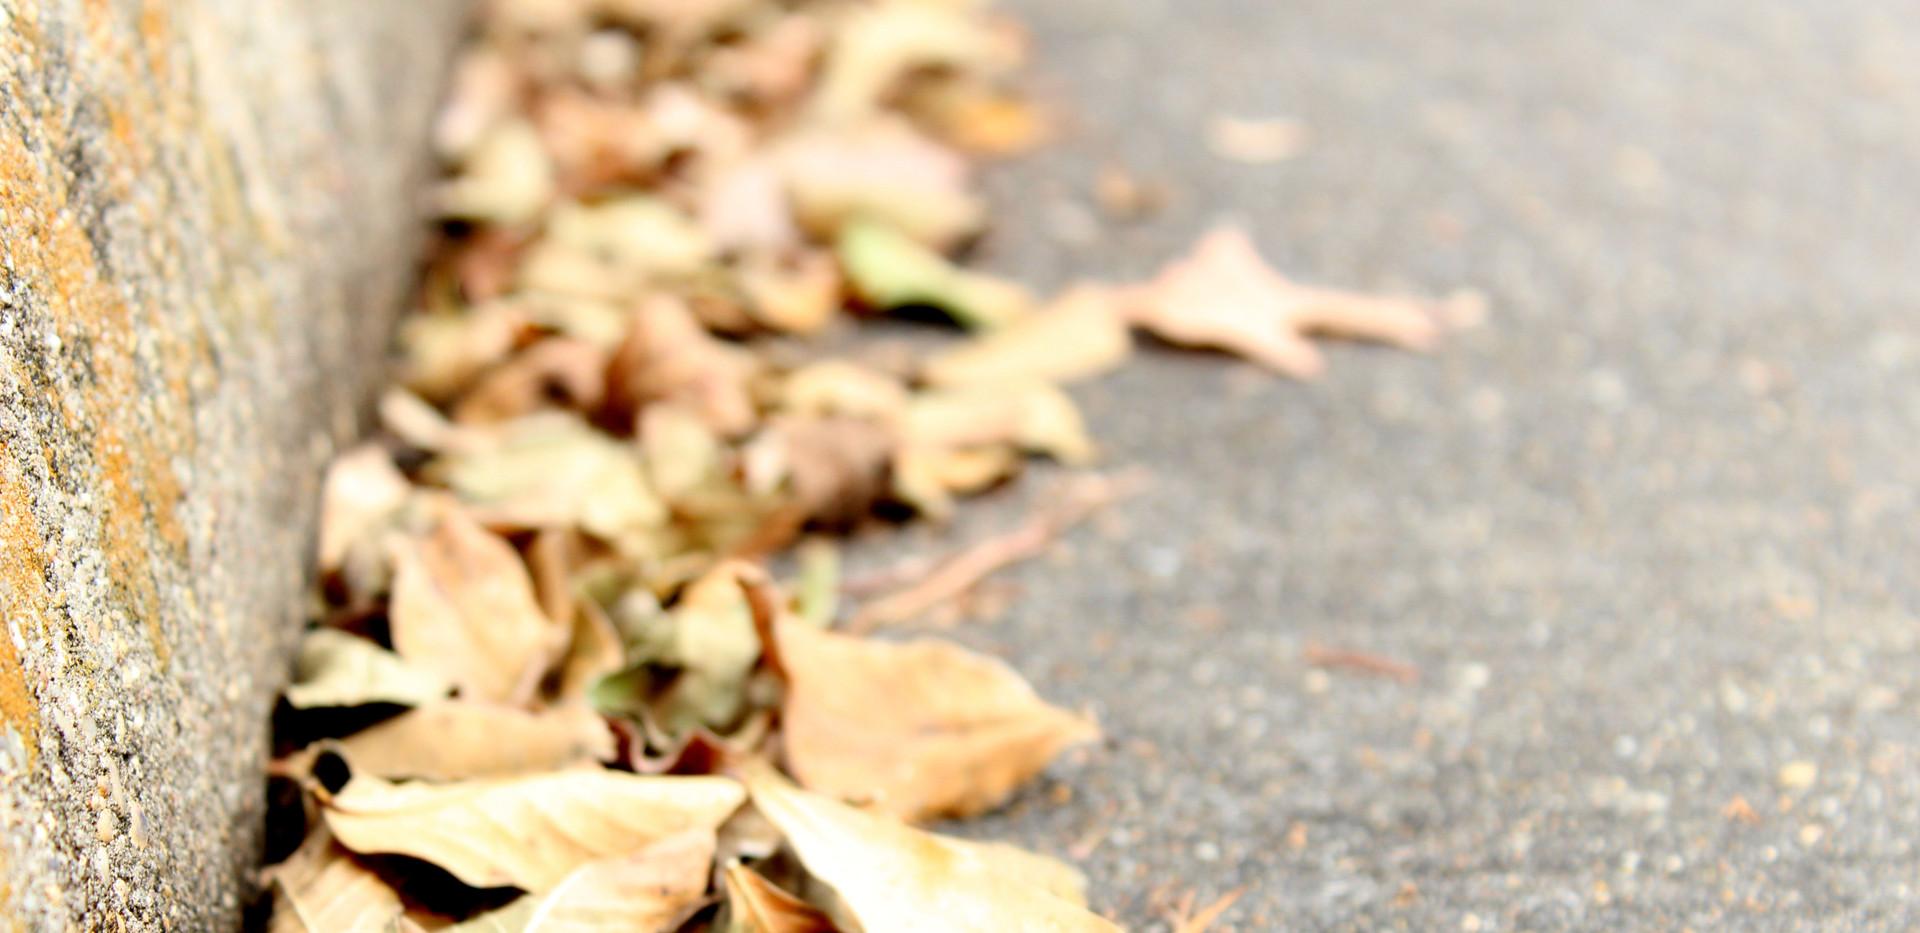 libbie-leaves on ground.JPG